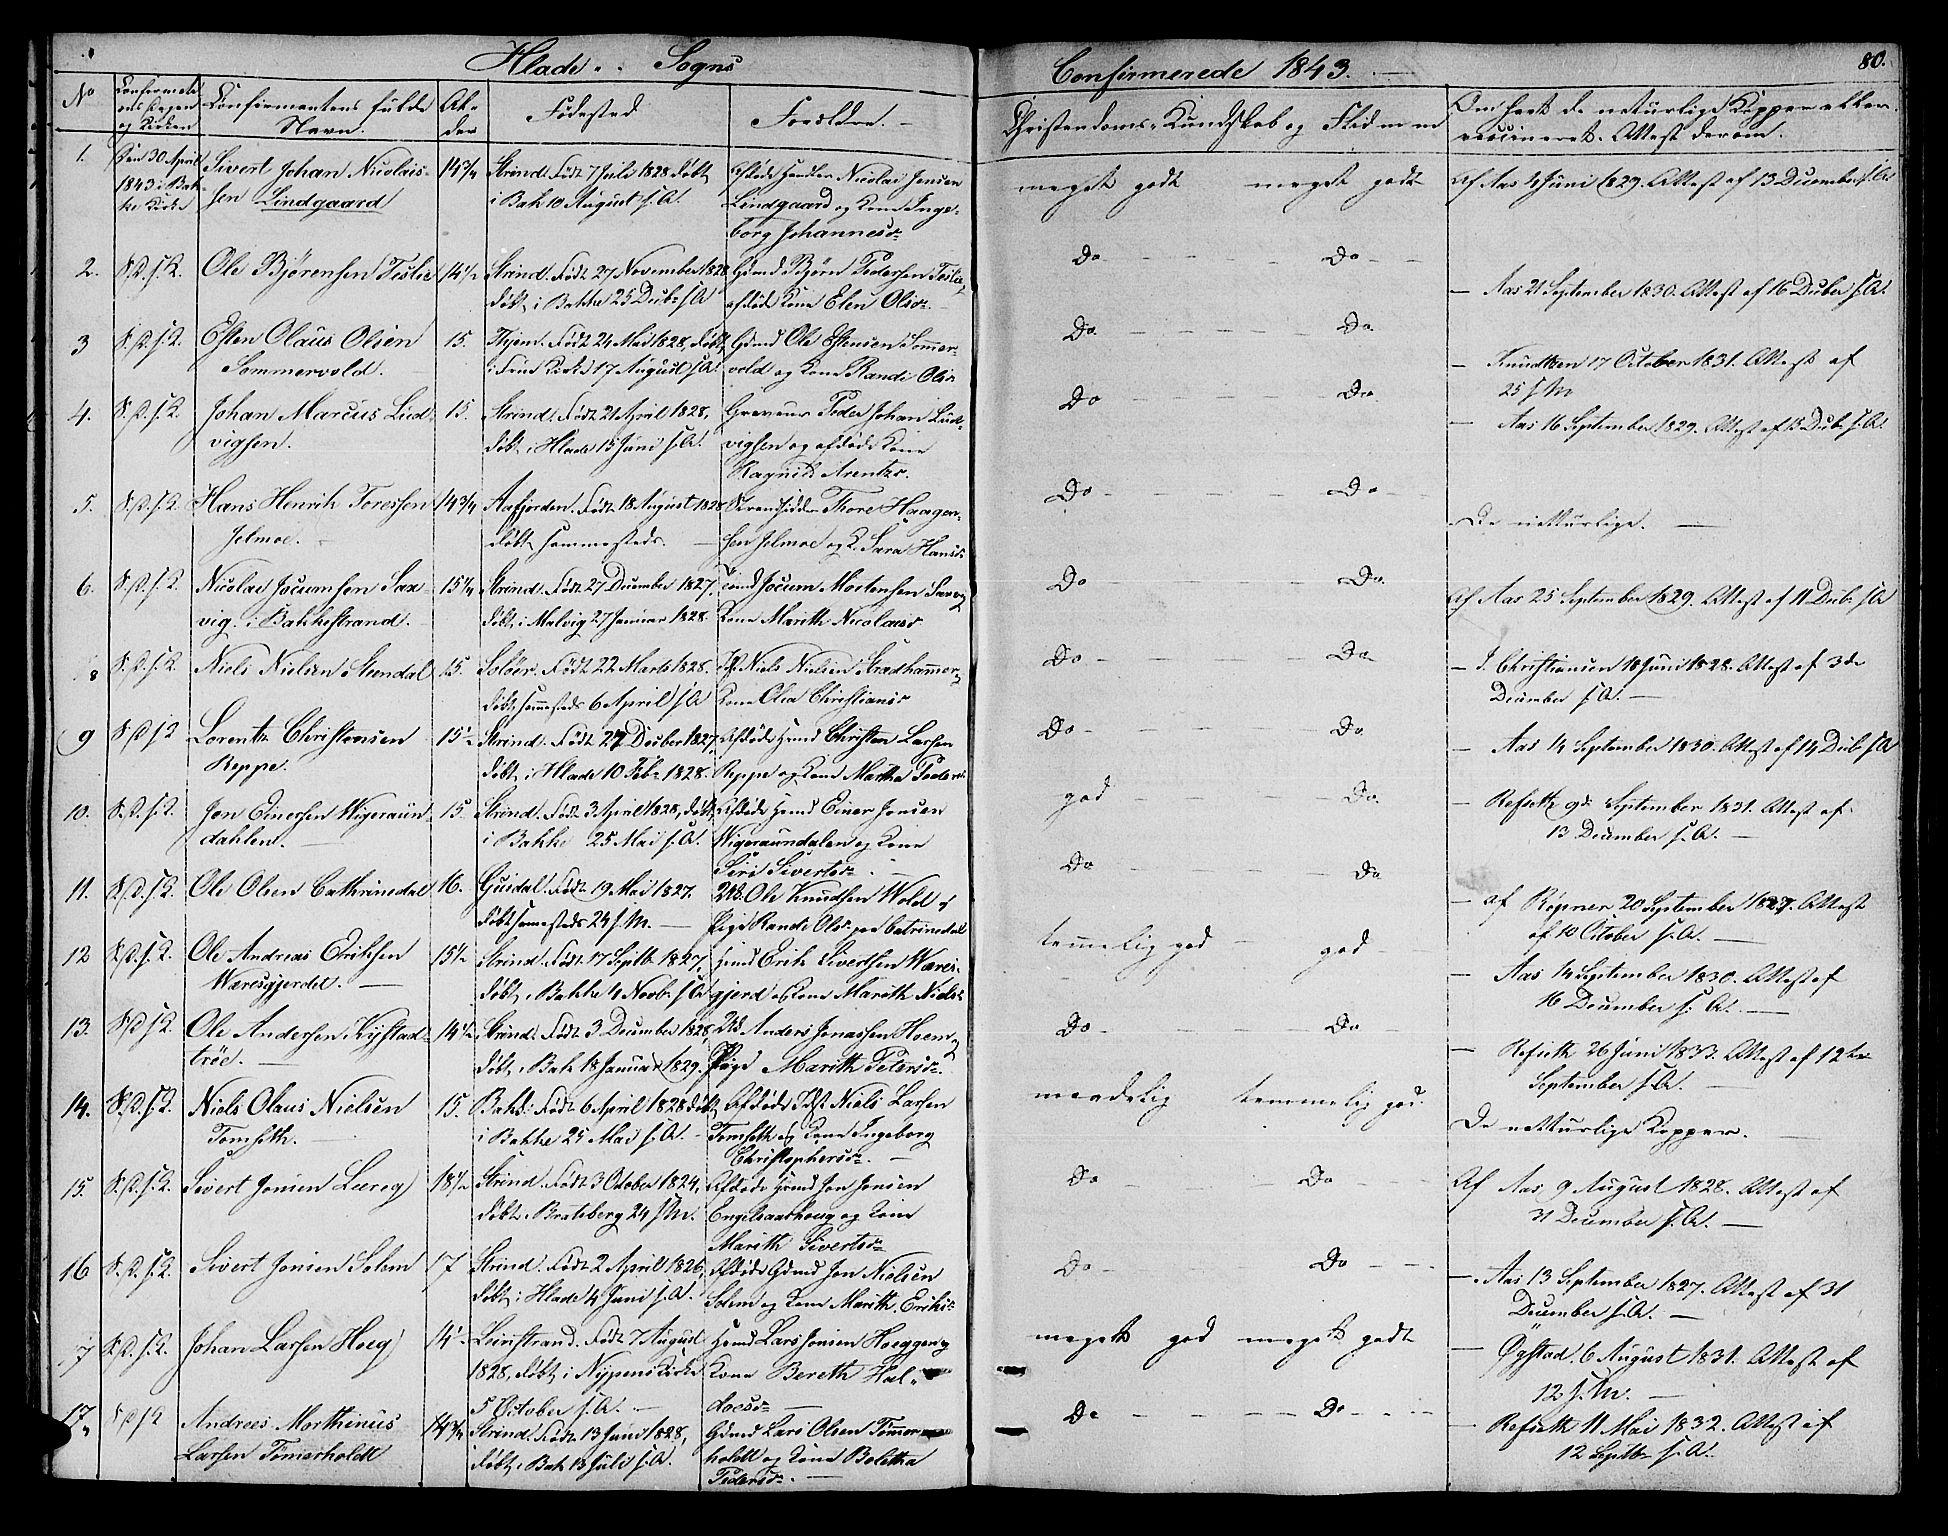 SAT, Ministerialprotokoller, klokkerbøker og fødselsregistre - Sør-Trøndelag, 606/L0309: Klokkerbok nr. 606C05, 1841-1849, s. 80